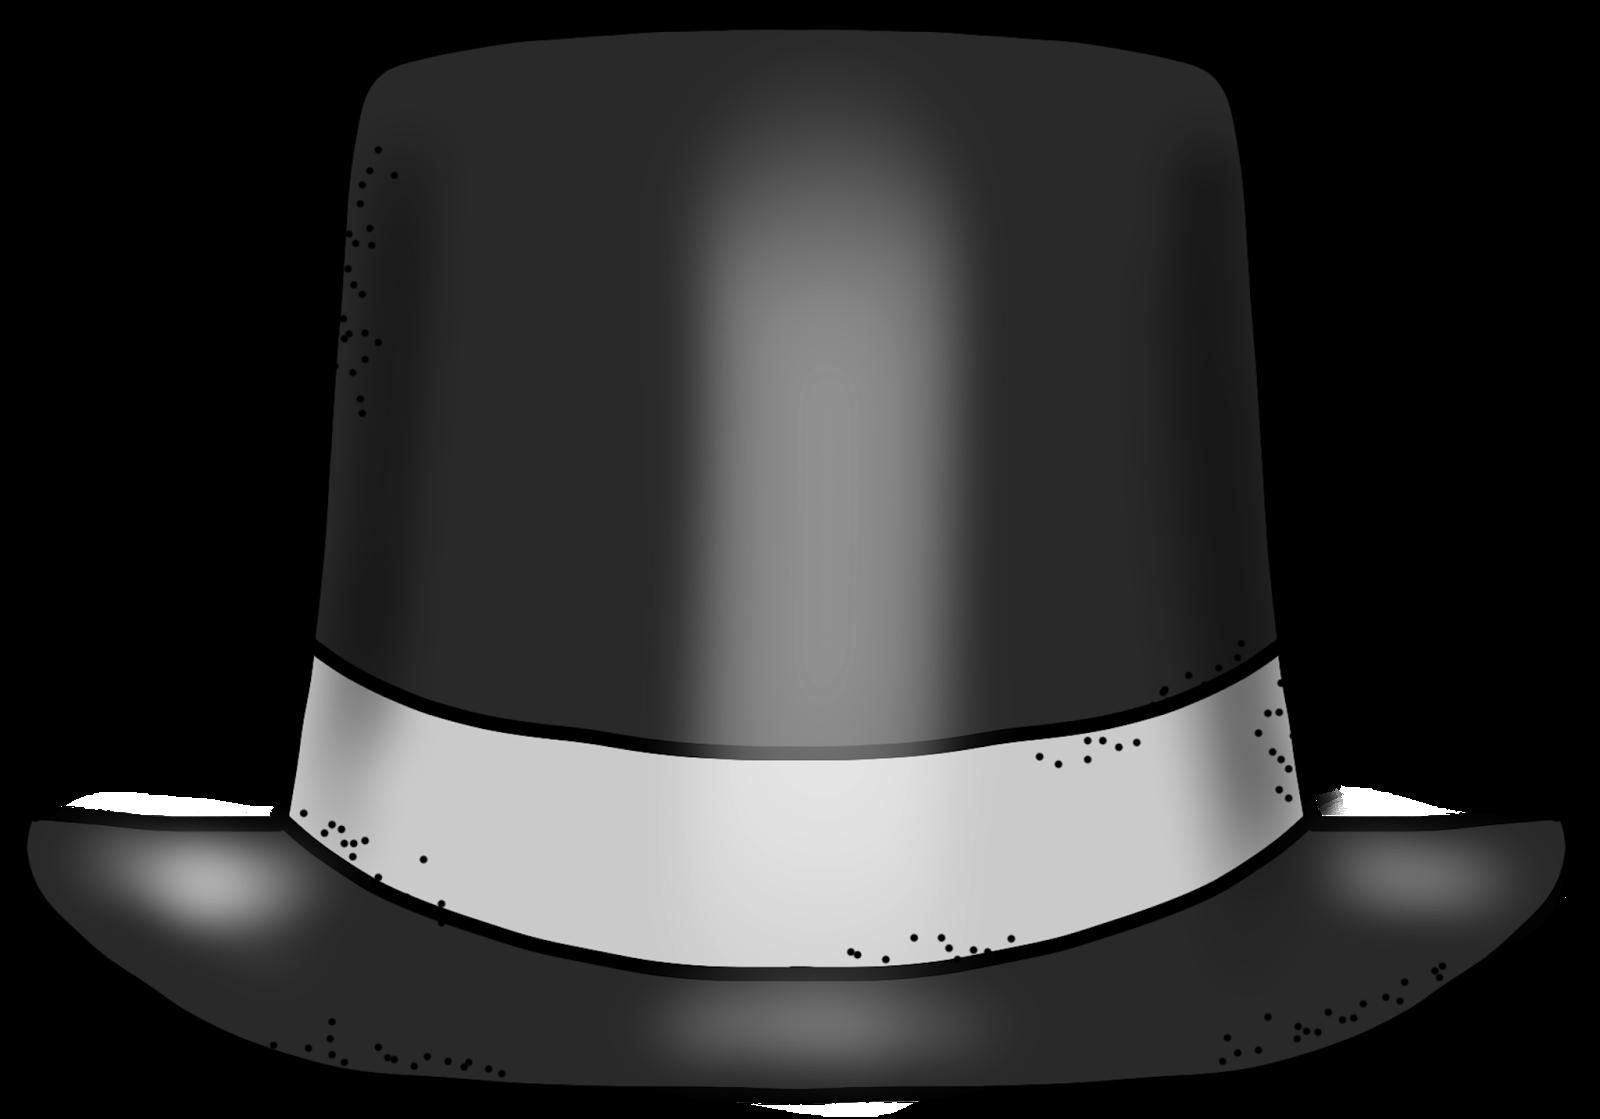 Backwards baseball cap clipart svg black and white library Top hat clipart black and white free clipart images image - Clipartix svg black and white library